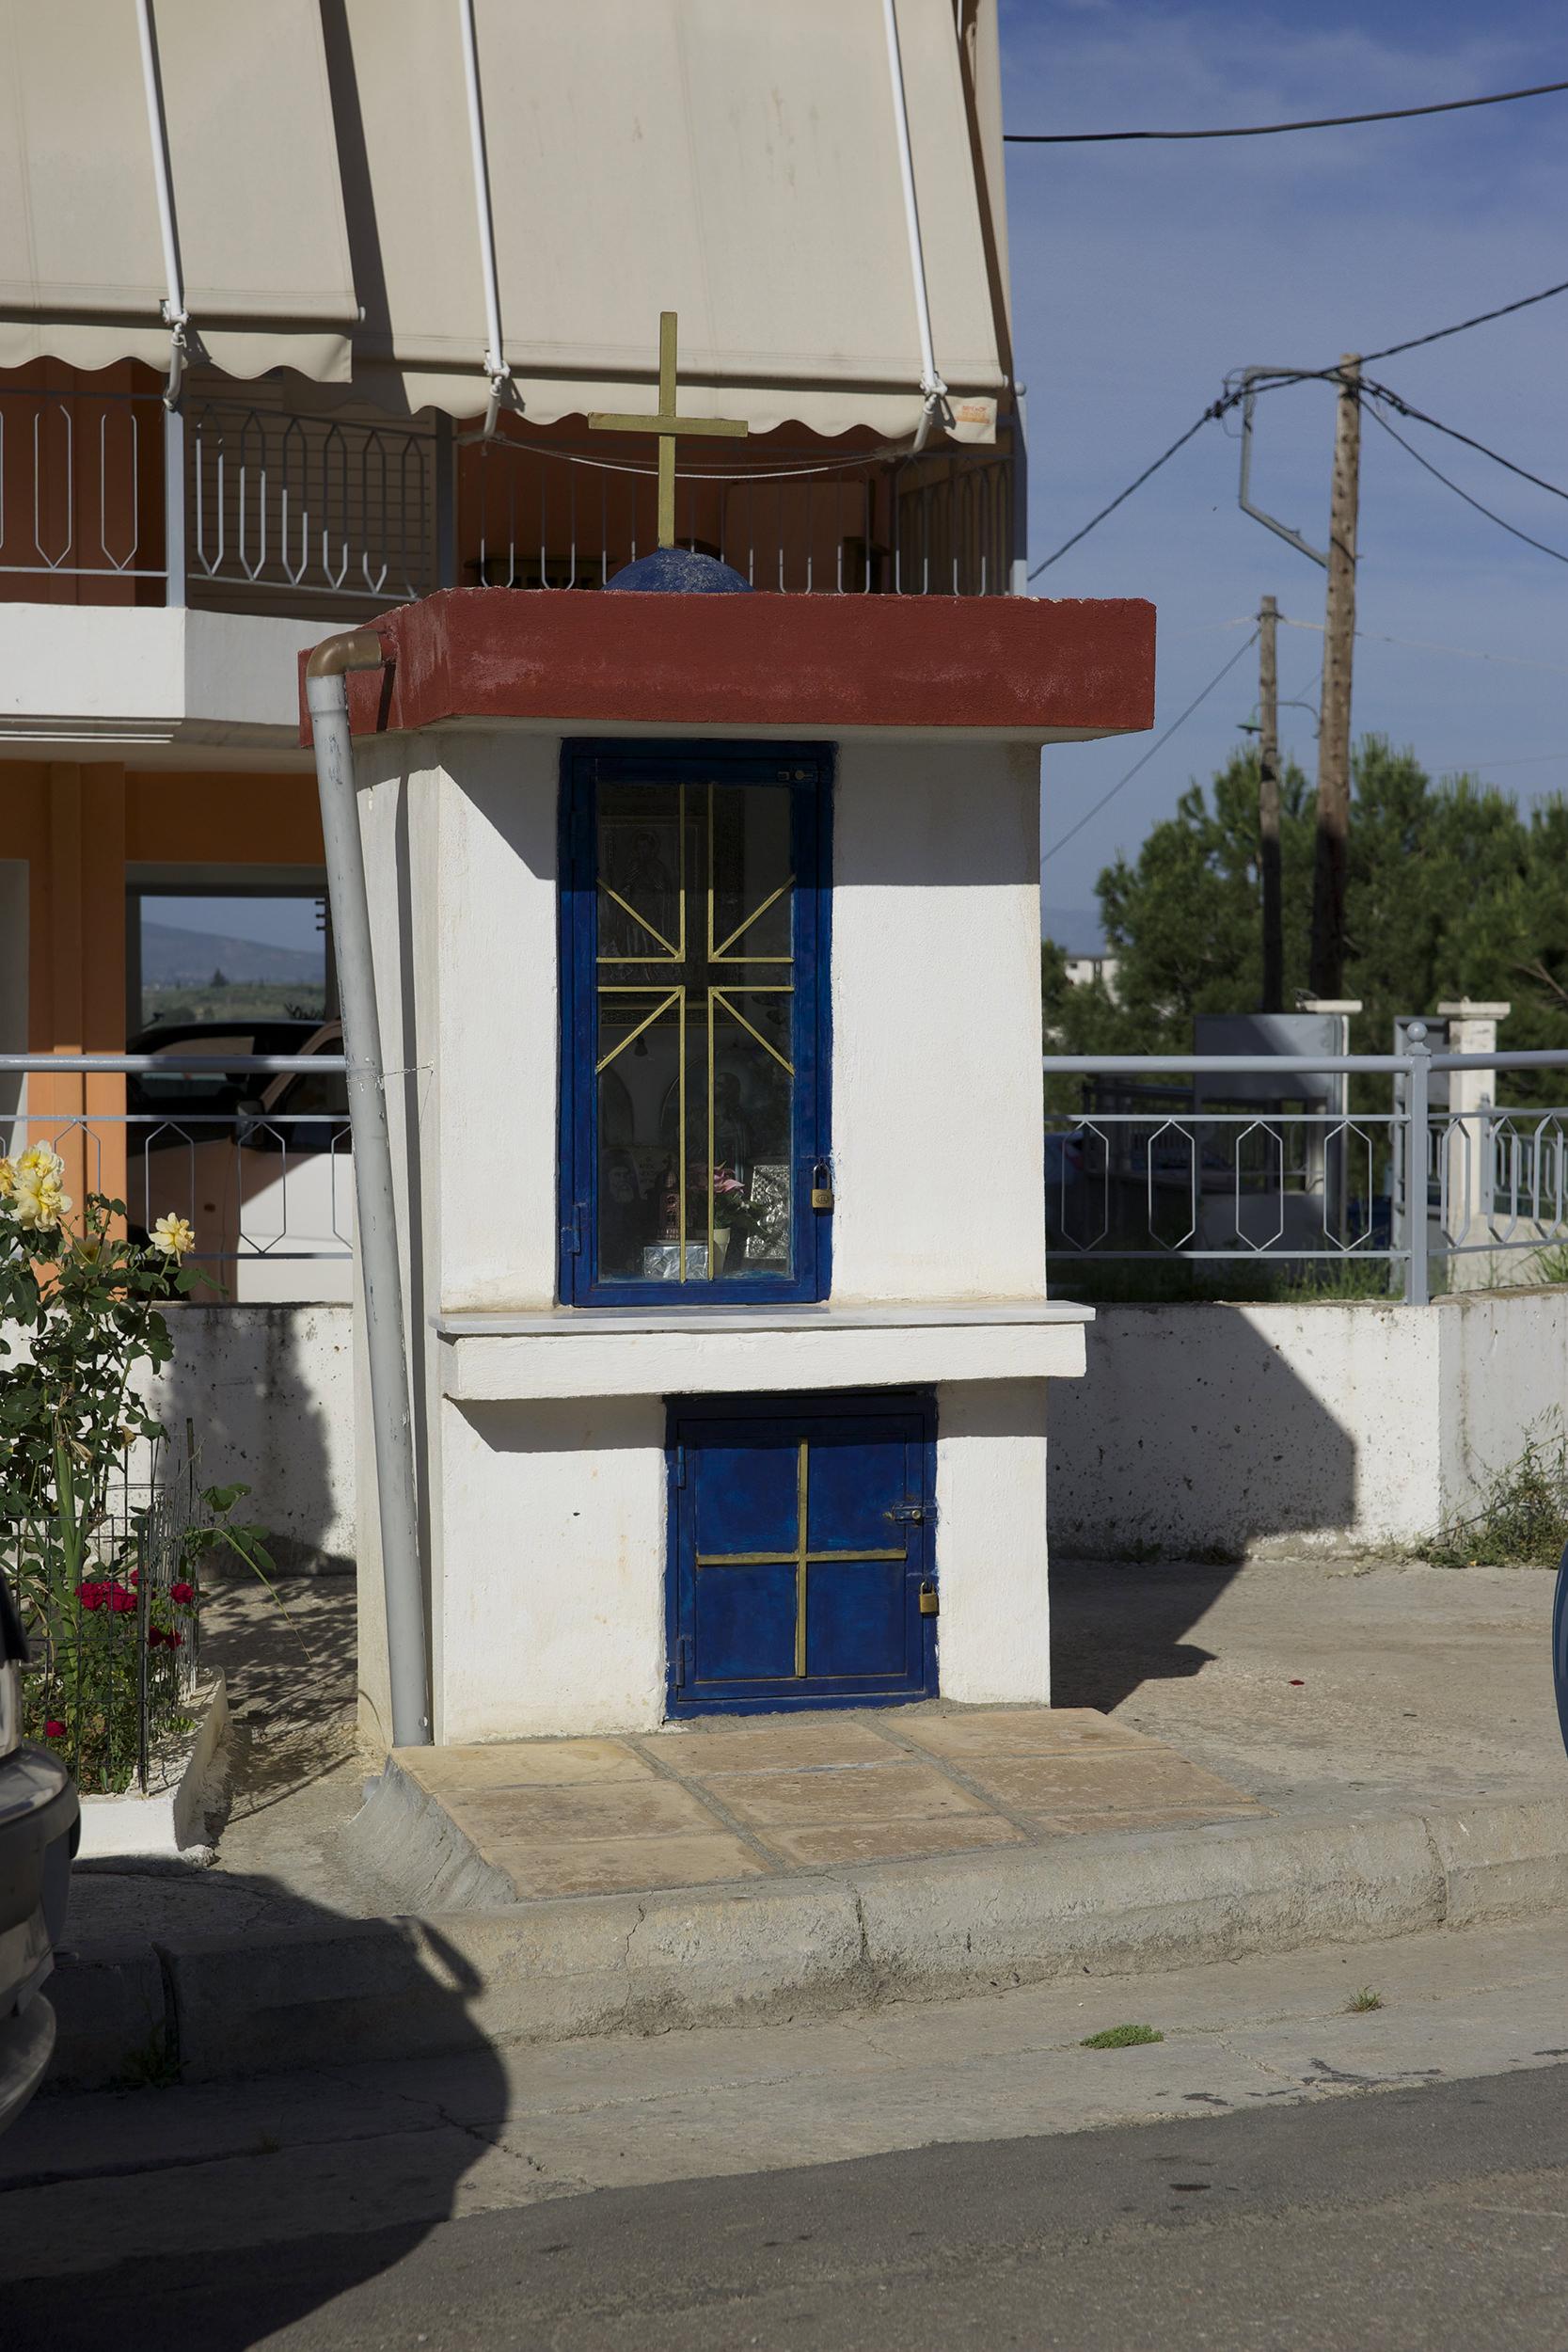 Fig. 4 Built eikonostasi on Asias street, Livadeia, prefecture of Boeotia